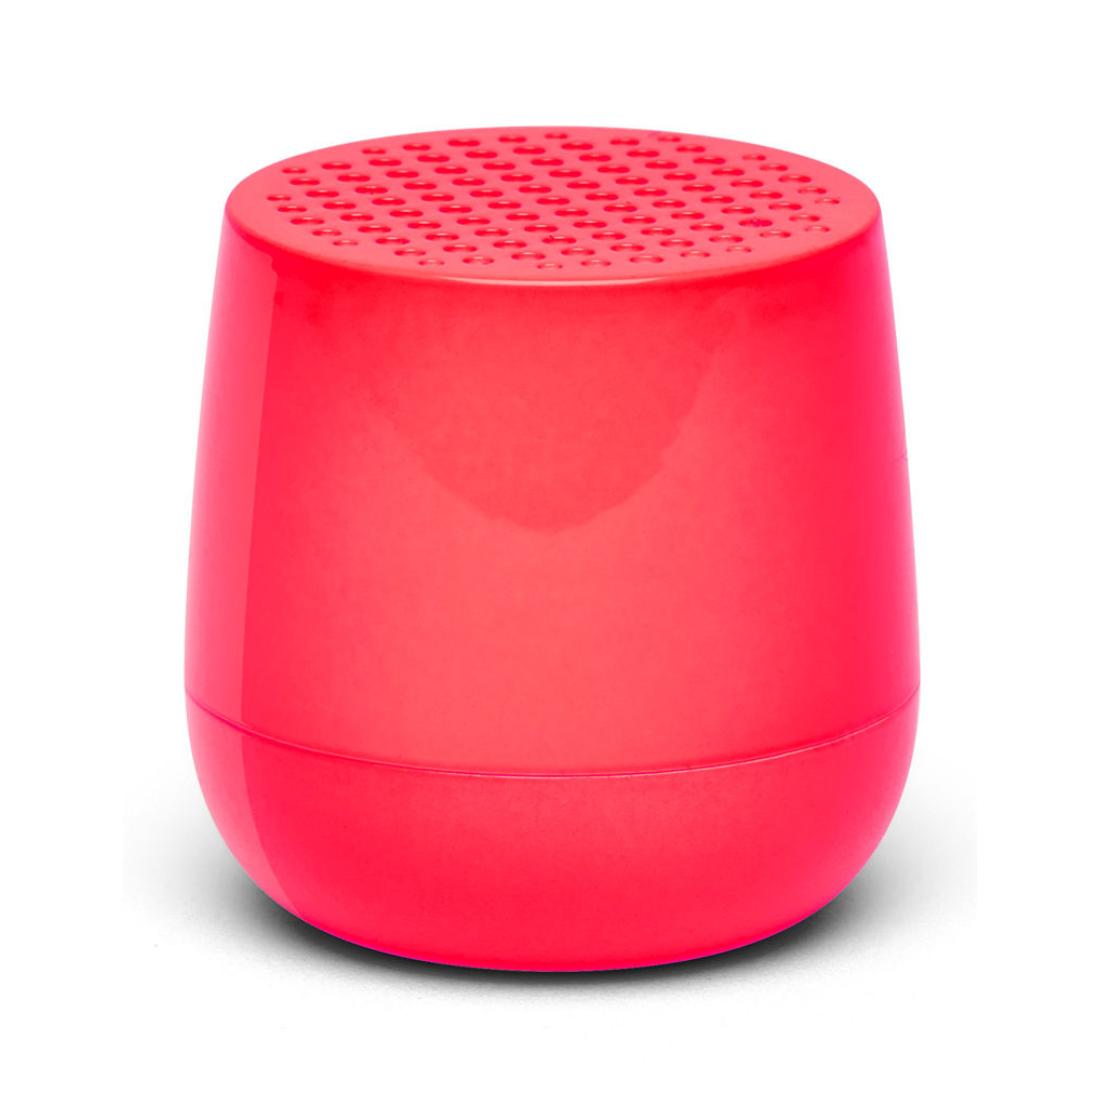 Mino Speaker - Glossy Fluro Pink